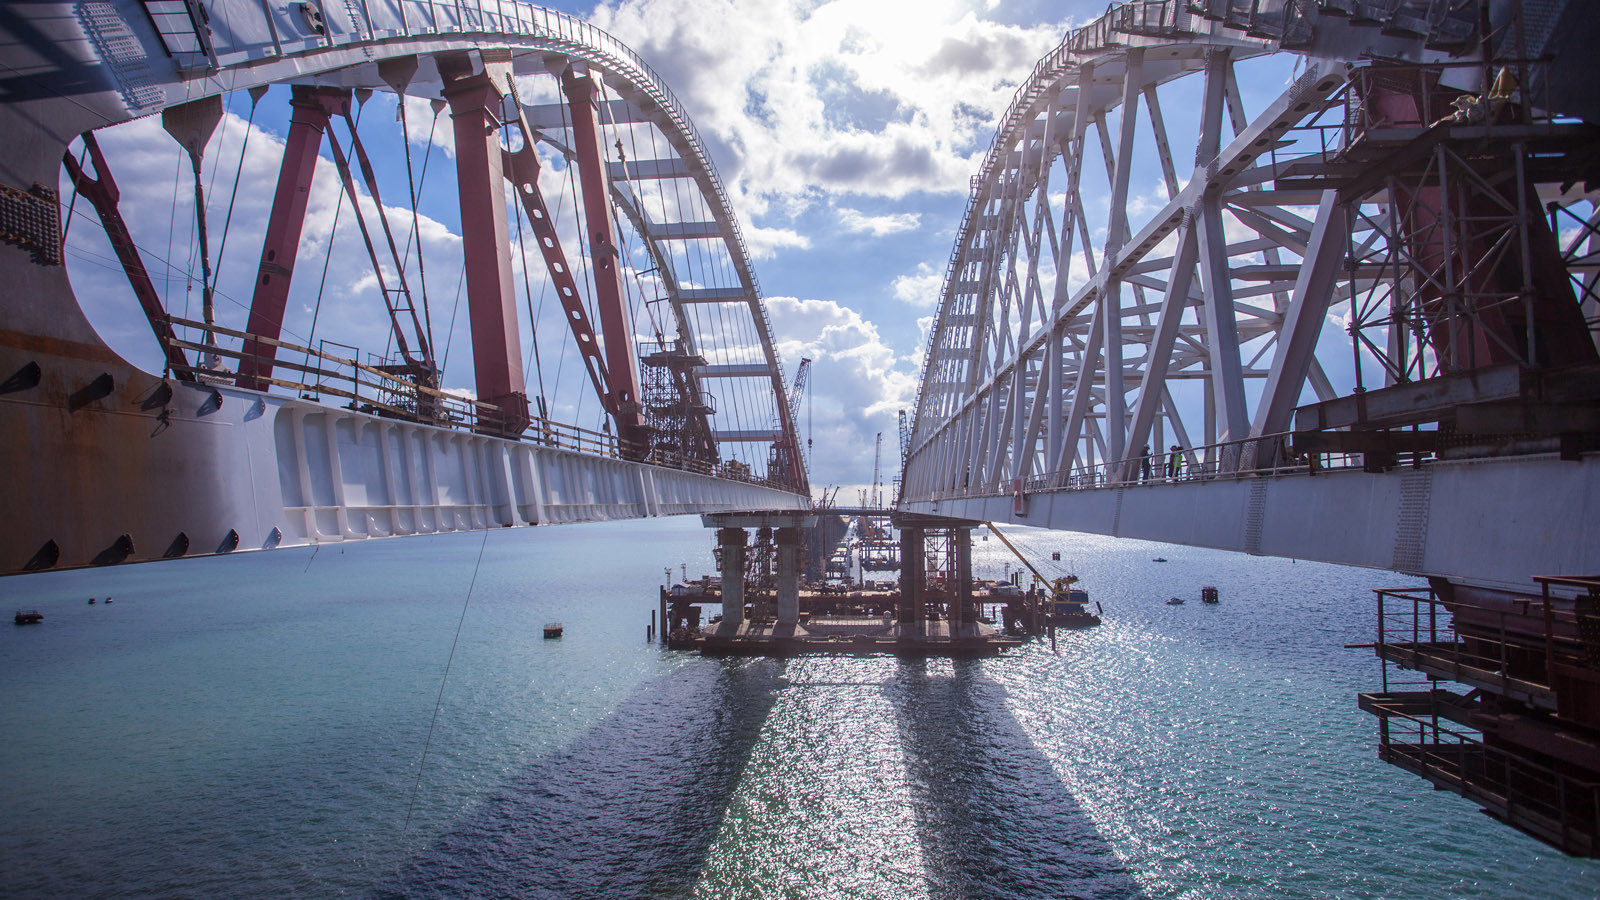 Завершена морская операция по установке арки Крымского моста (1 фото)